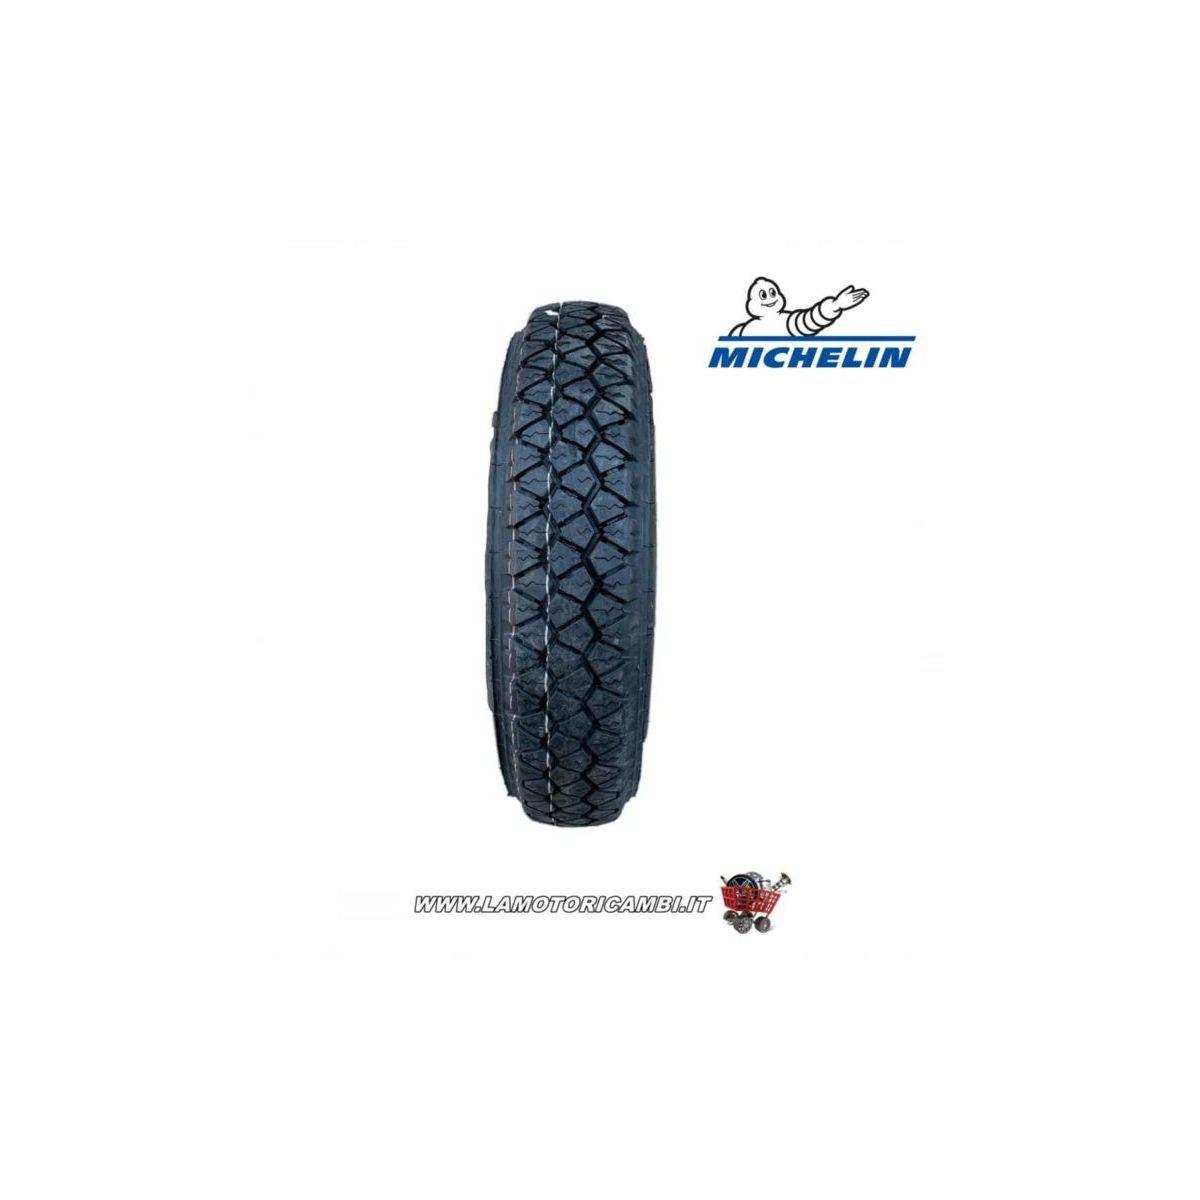 Pneumatico copertone 4 00 10 Michelin